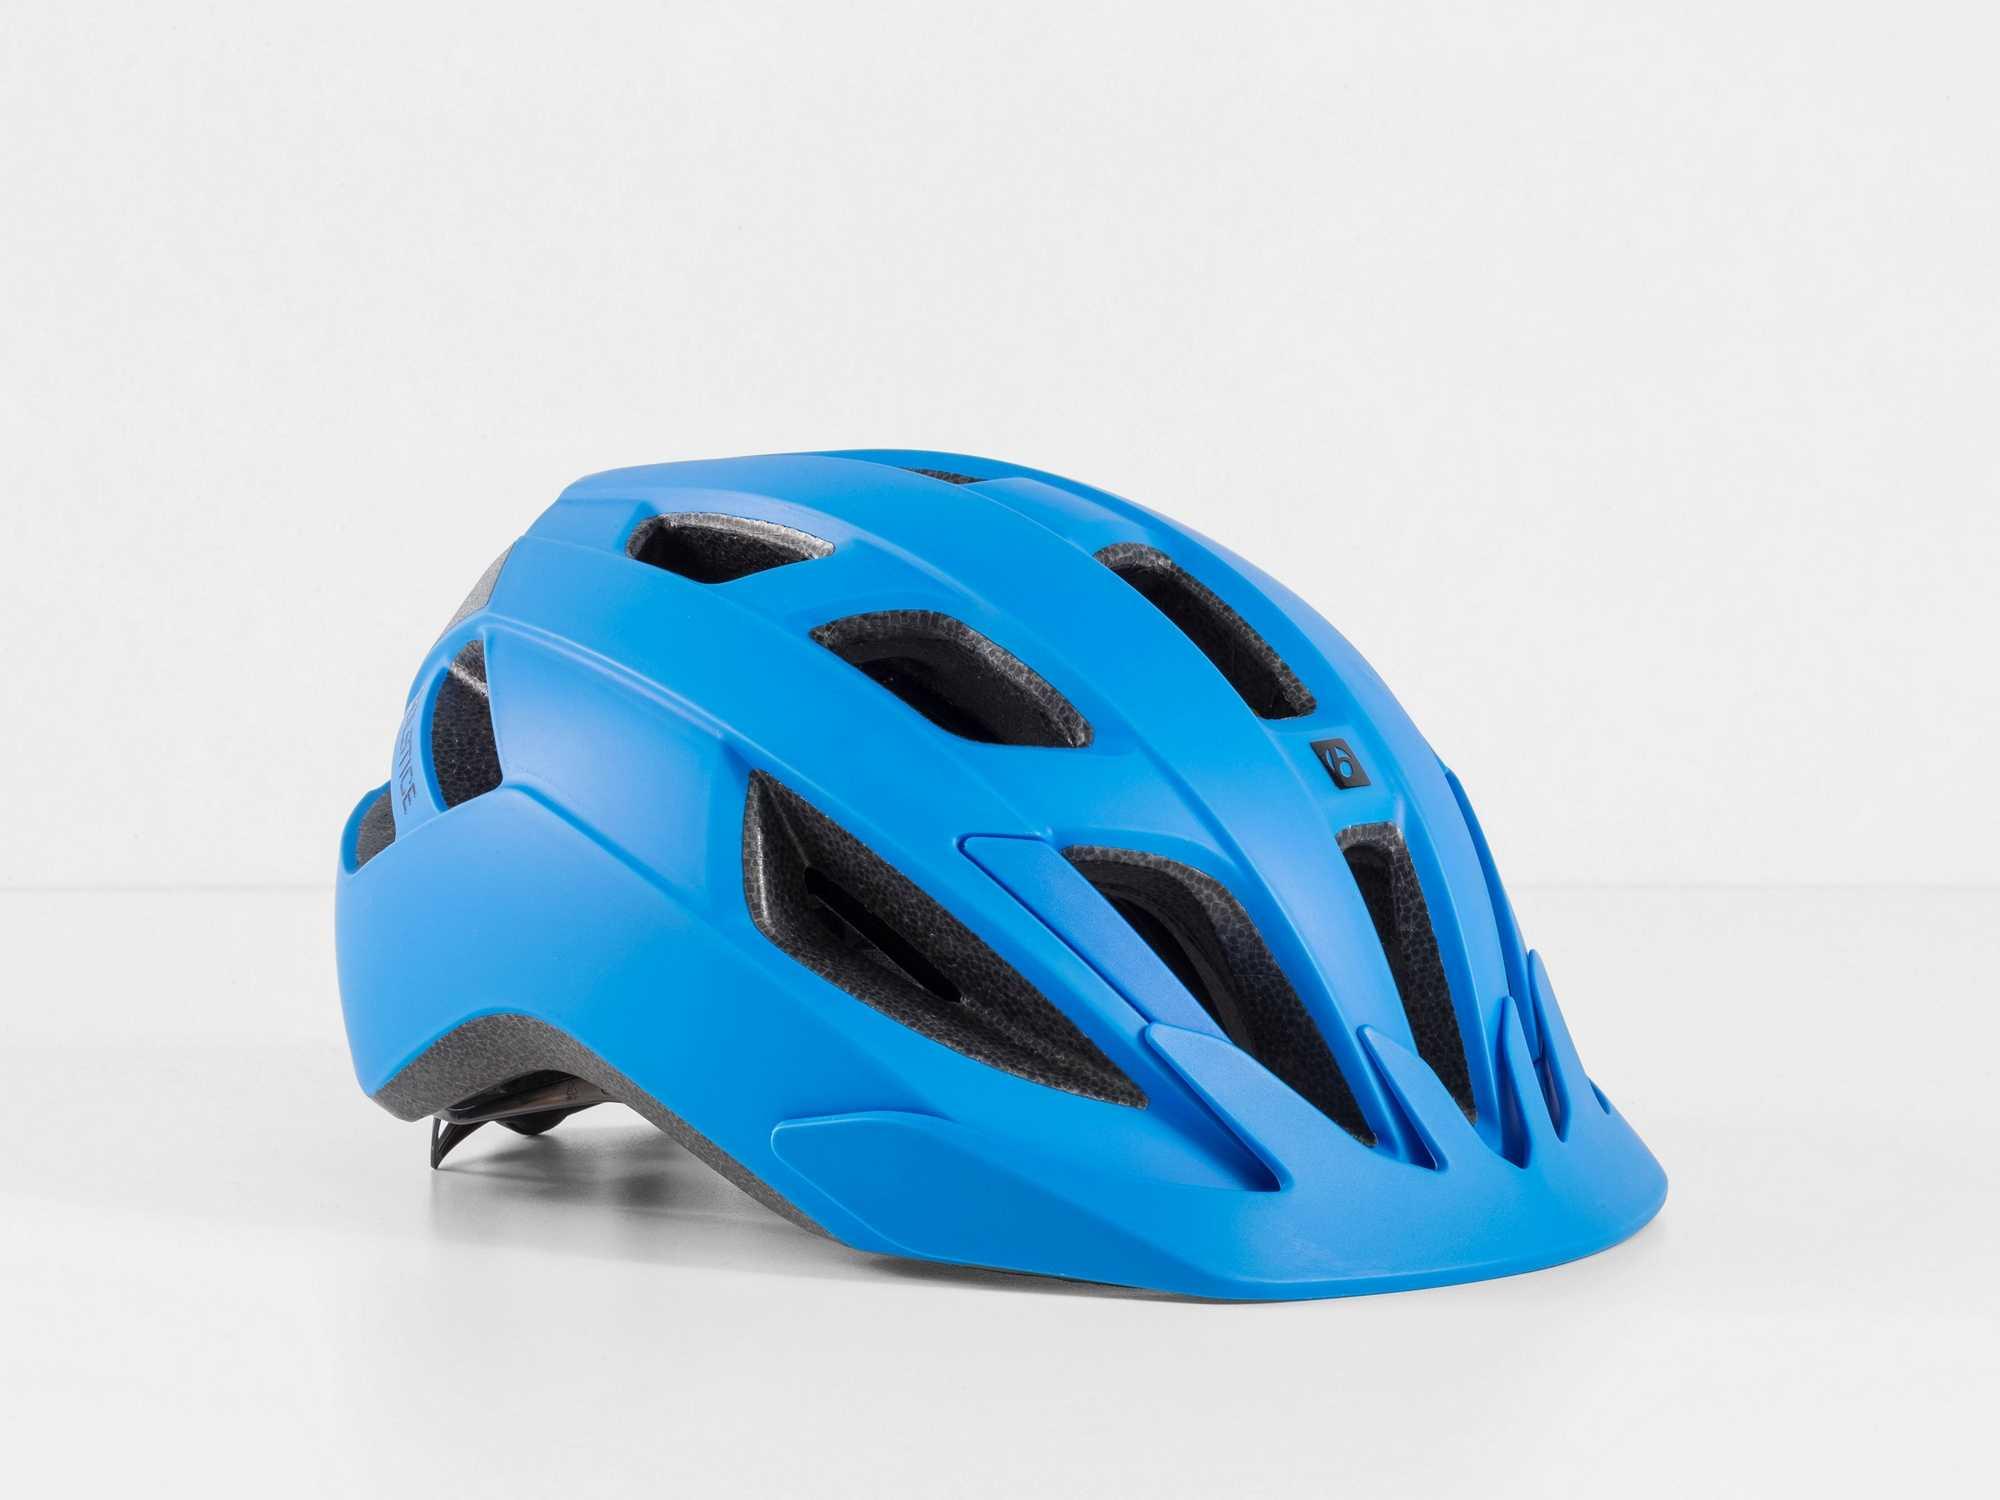 Hjälm Bontrager Solstice MIPS blå | Helmets